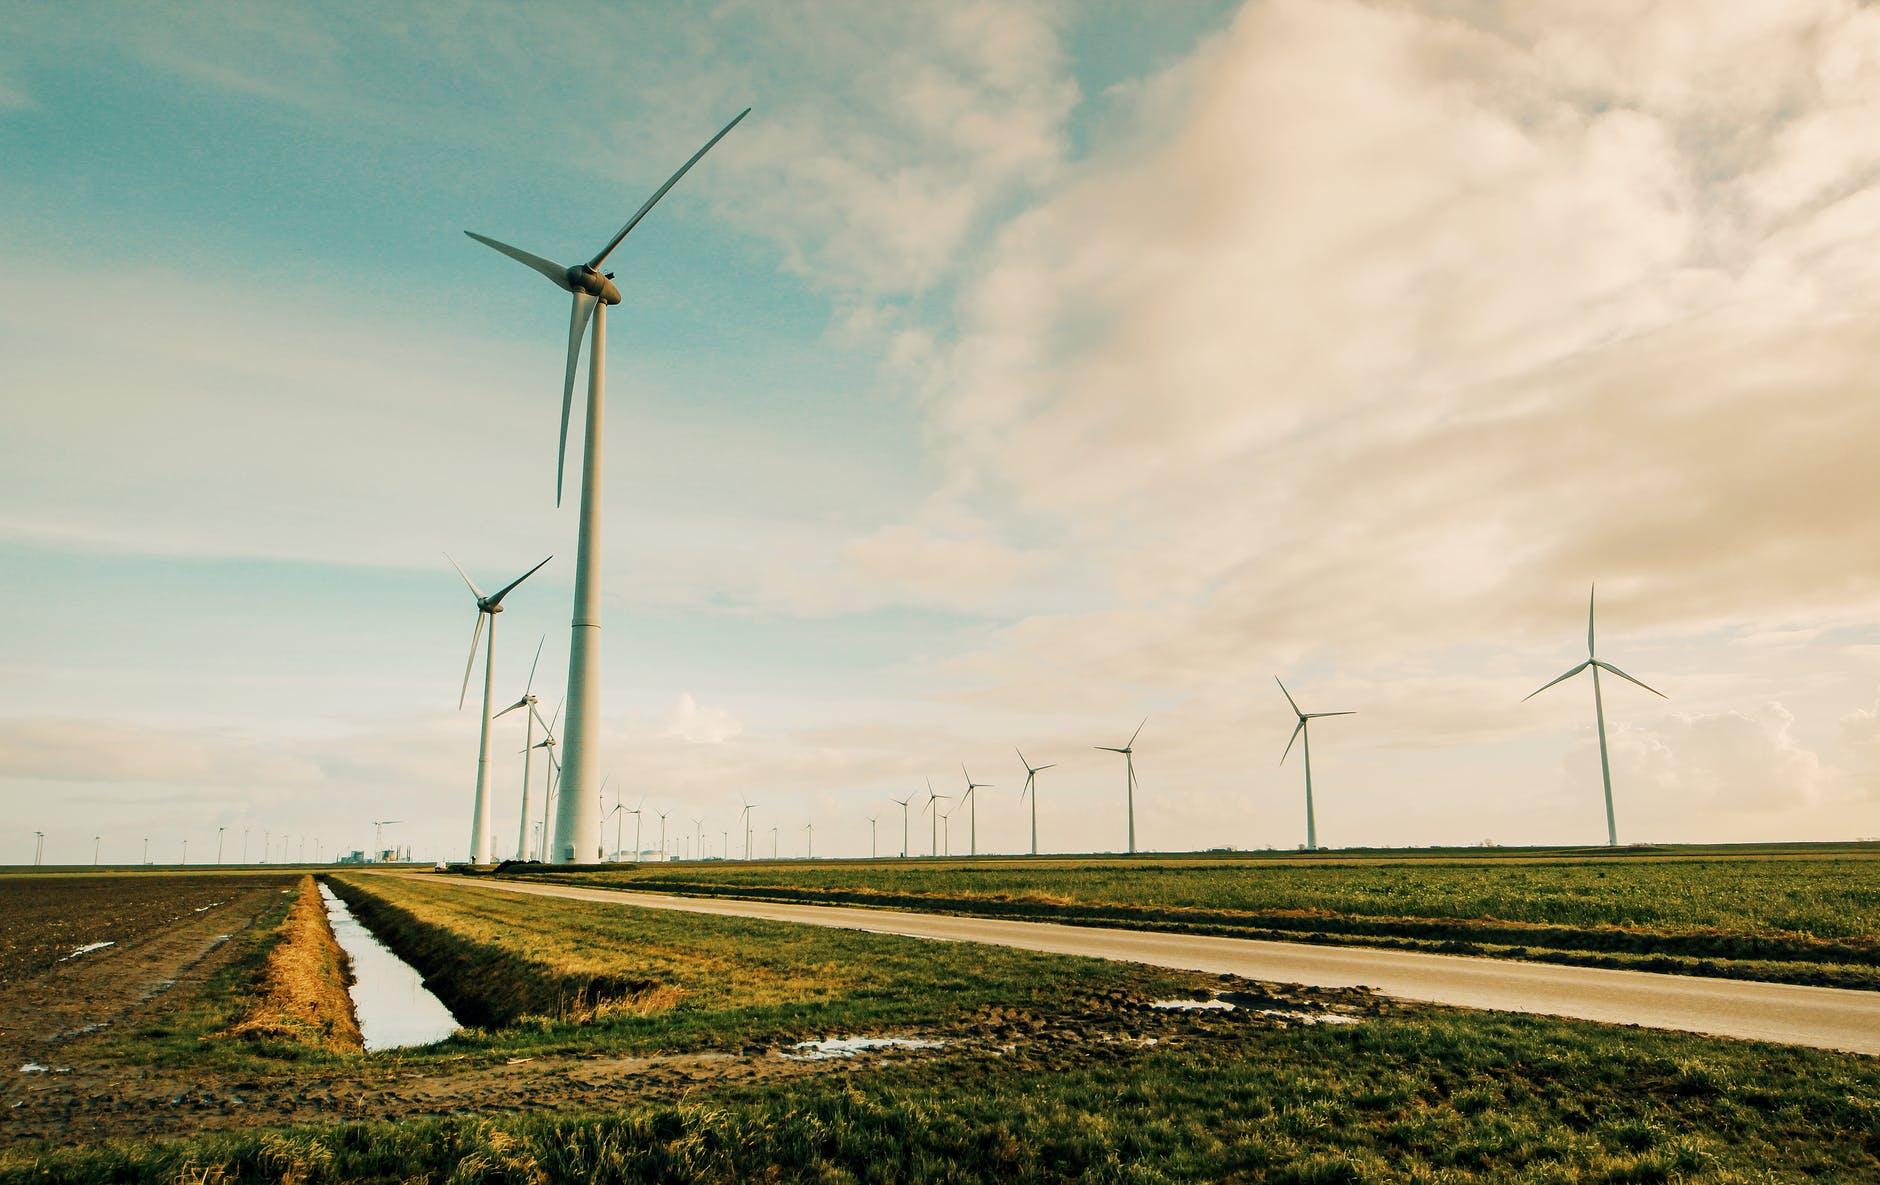 energialimpa 1 - Energia limpa: entenda como funciona e economize